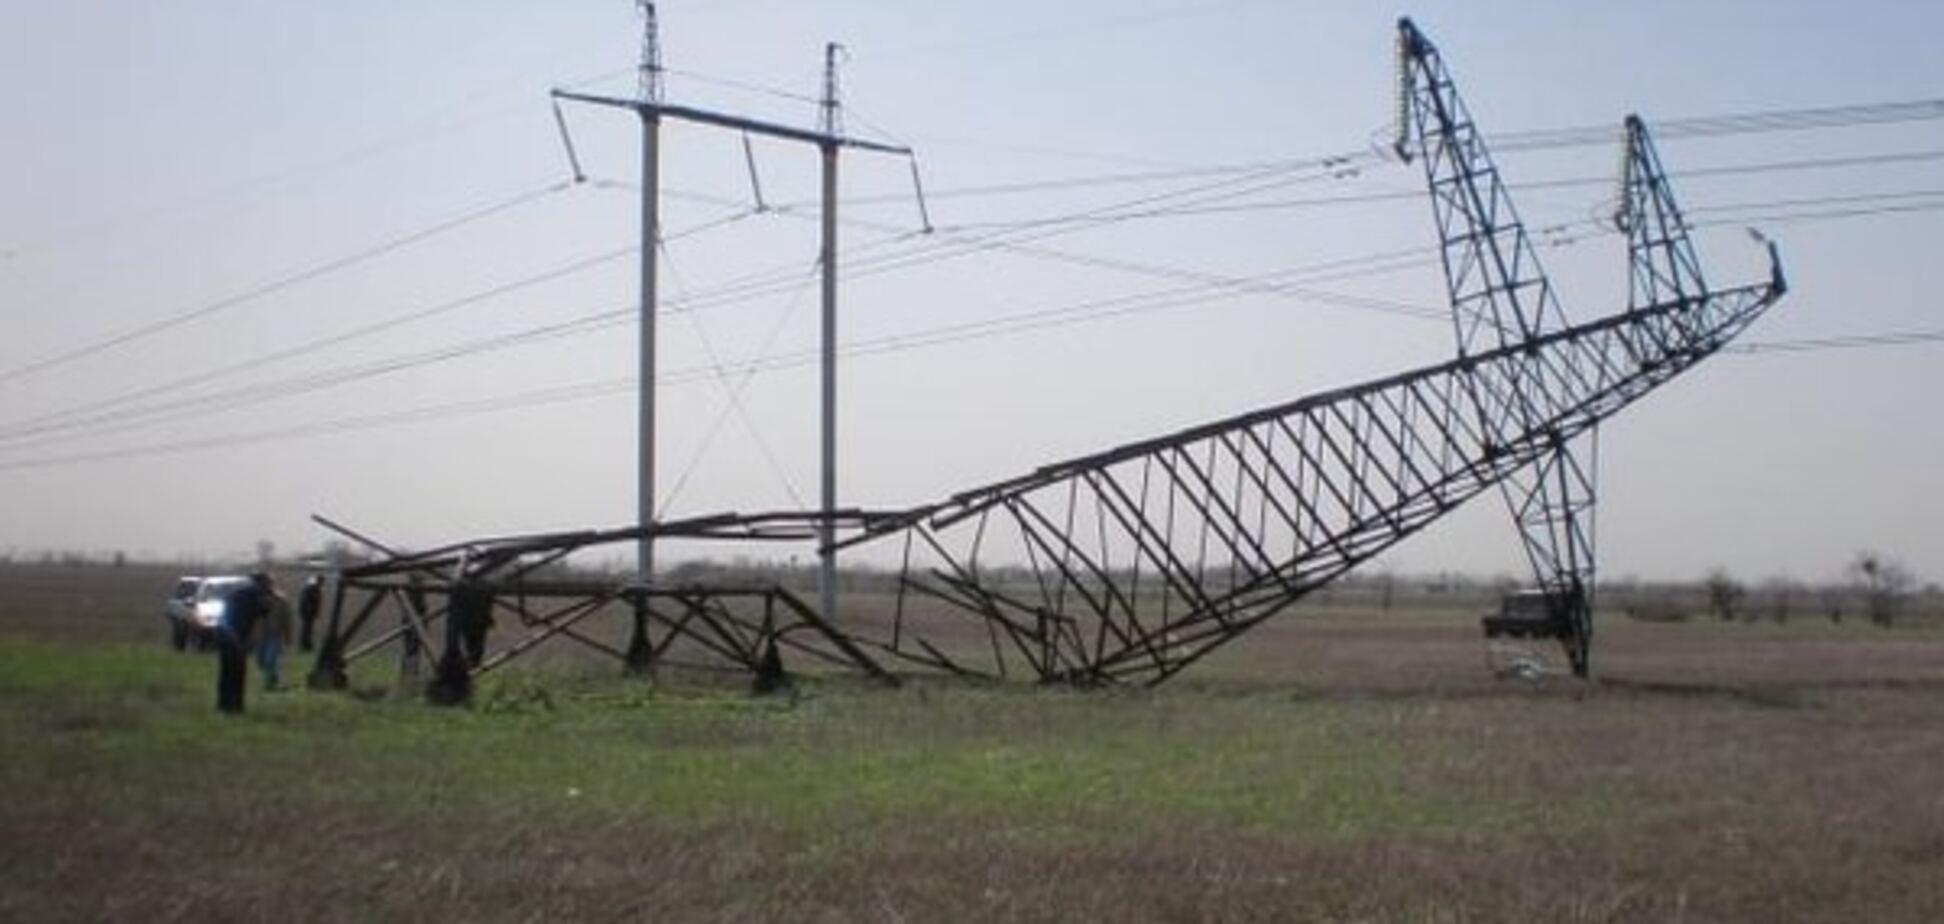 Муждабаєв розповів, хто і навіщо намагався підірвати електроопори під Кримом